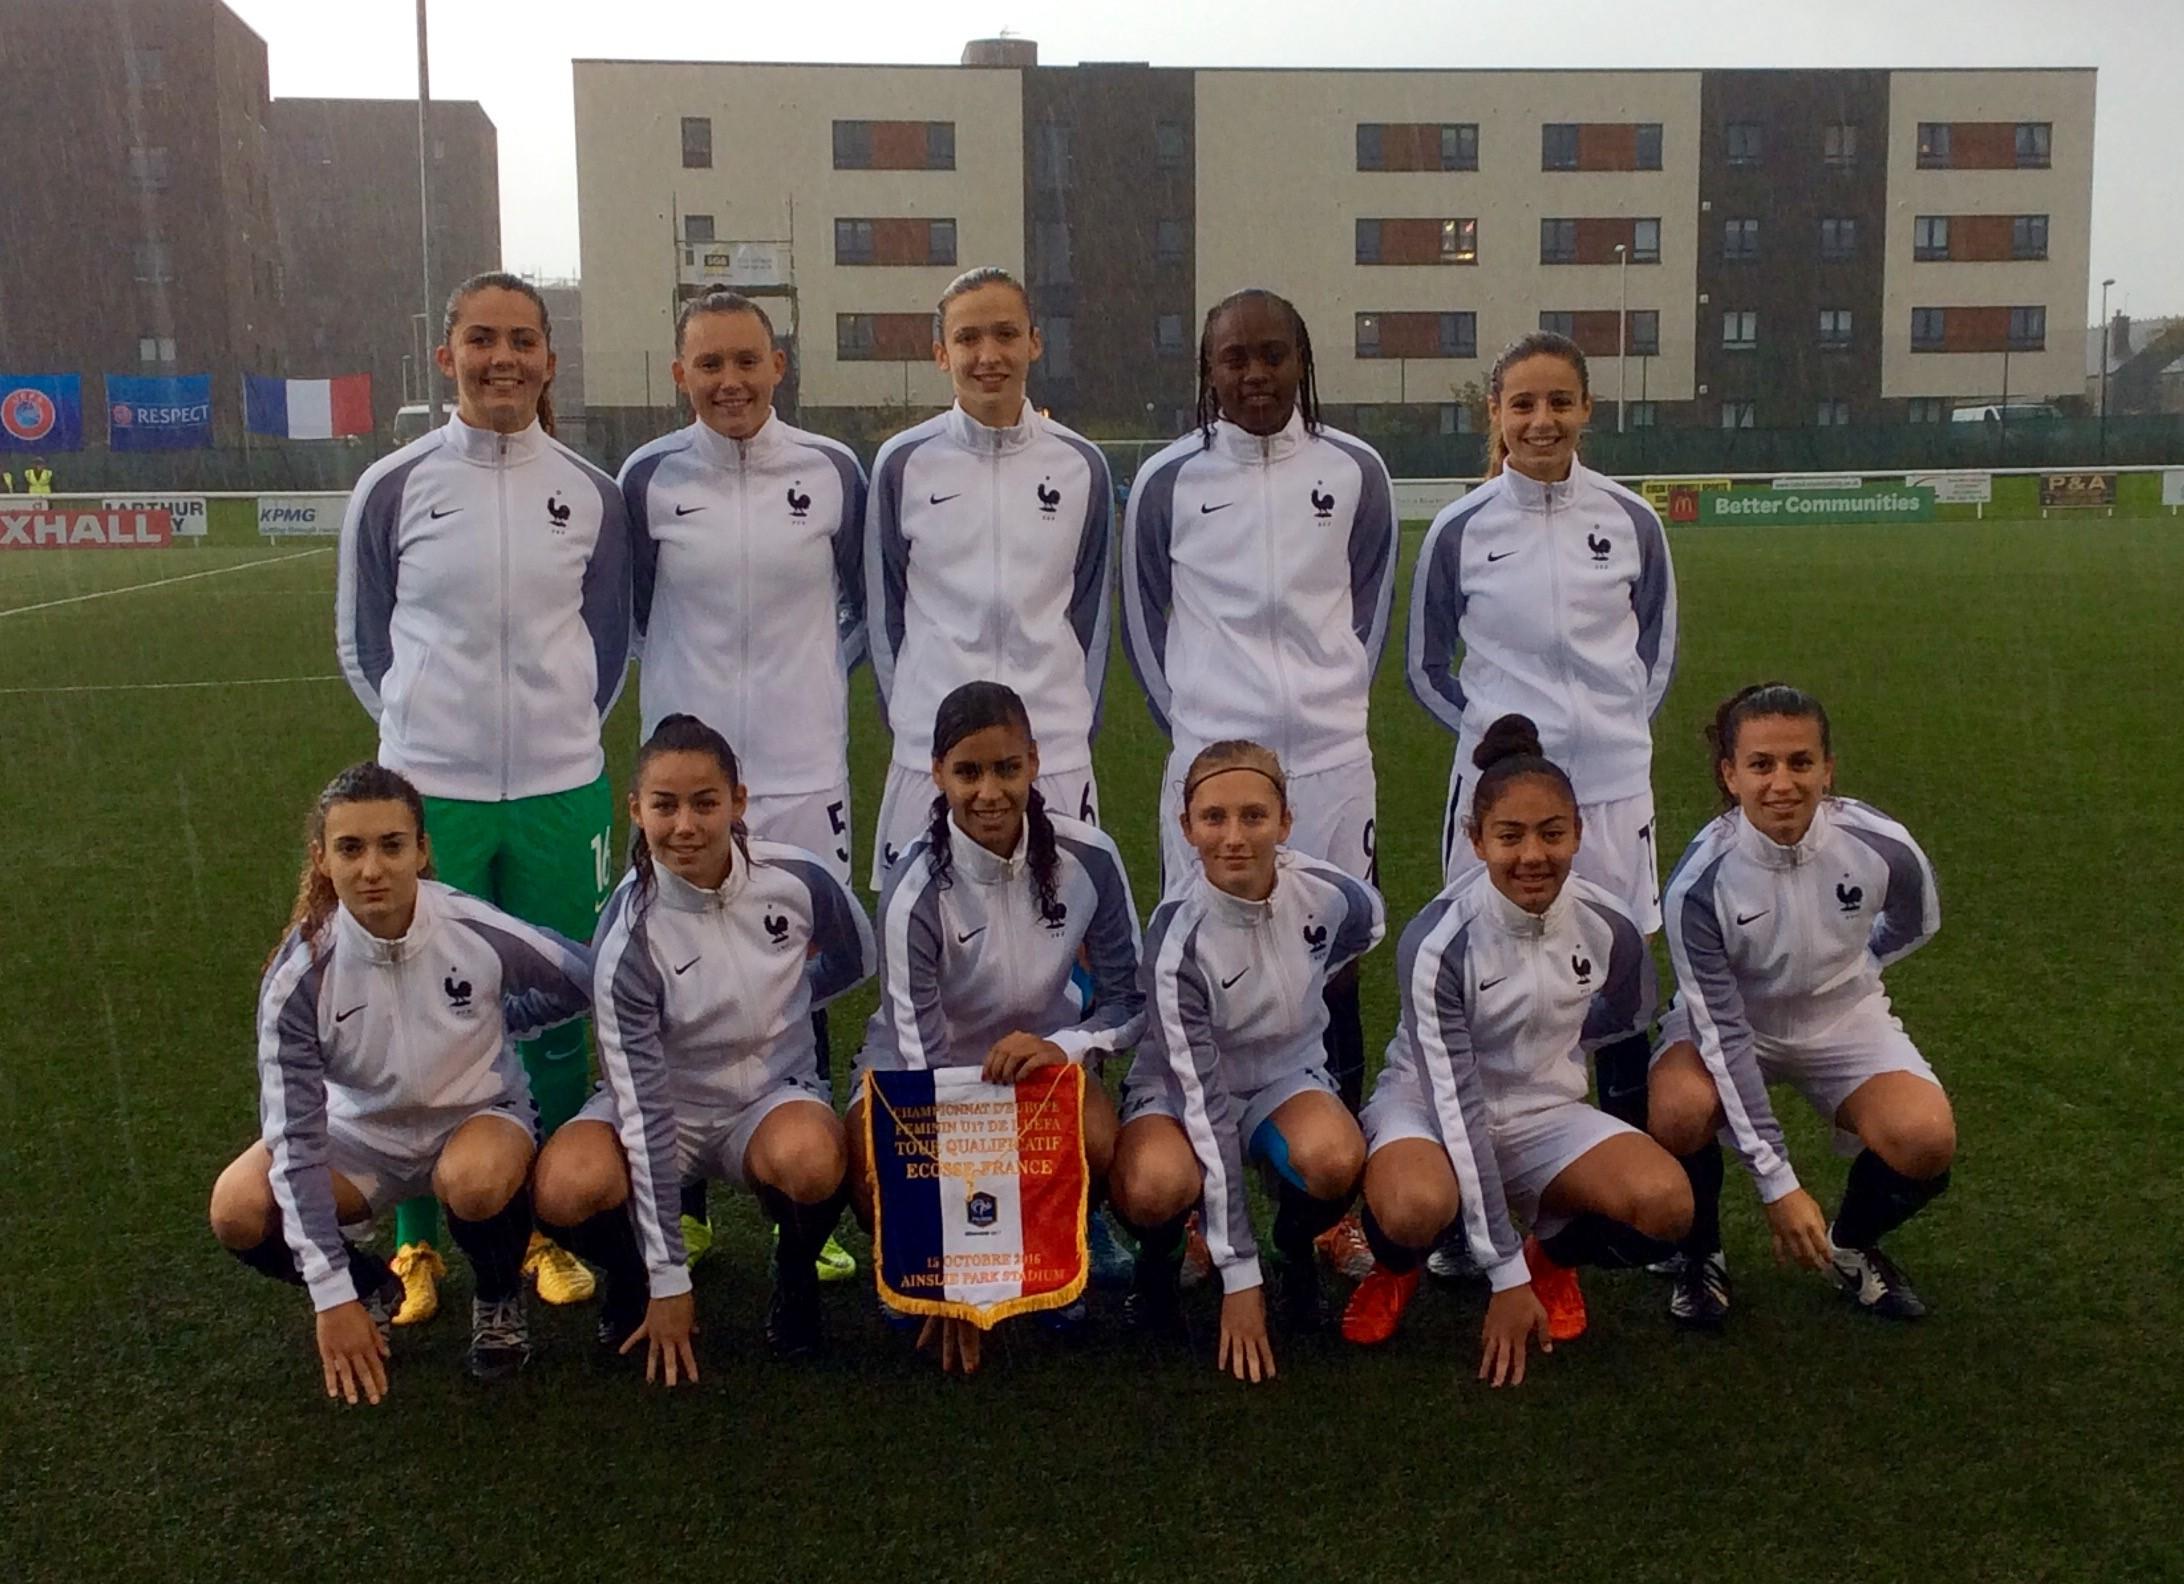 Le onze français lors de son dernier match face à l'Ecosse (photo Christine Diard)